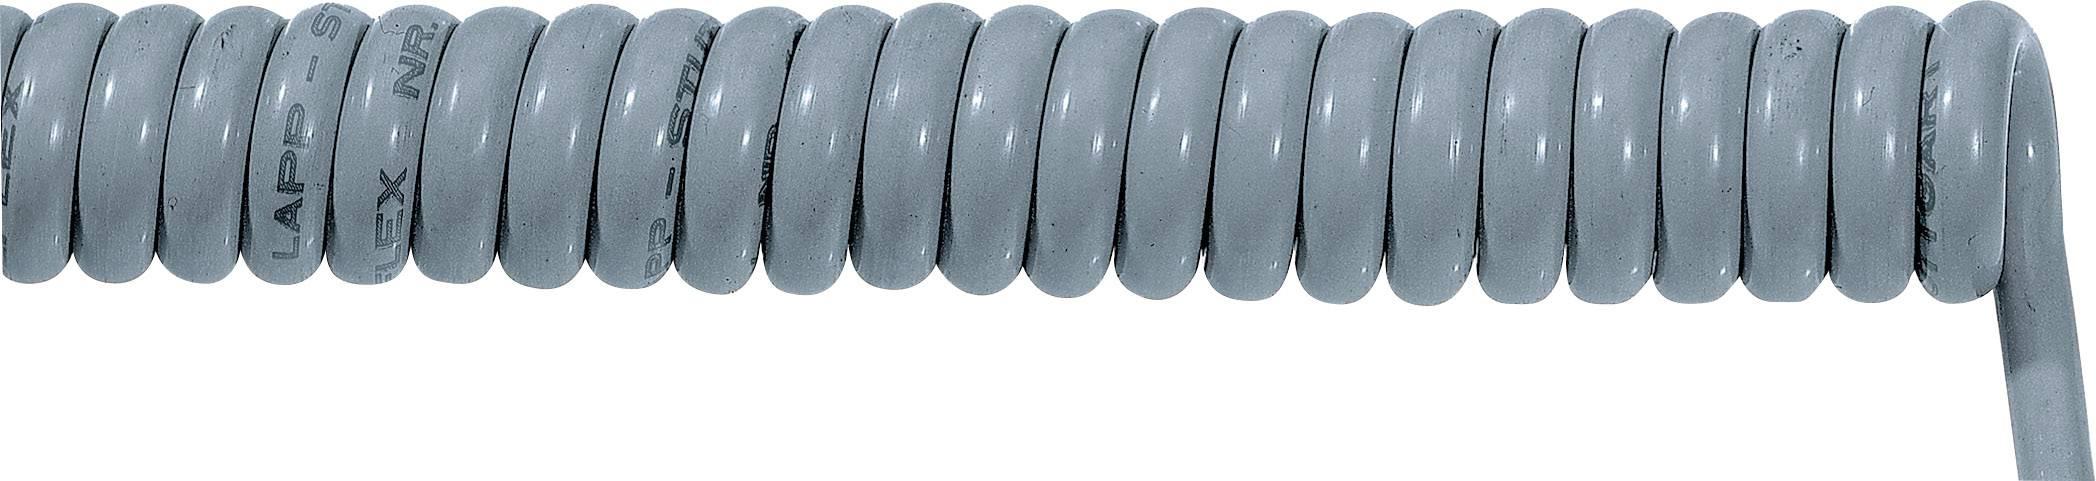 Špirálový kábel 70002701 ÖLFLEX® SPIRAL 400 P 5 x 1.50 mm², 1500 mm / 4500 mm, sivá